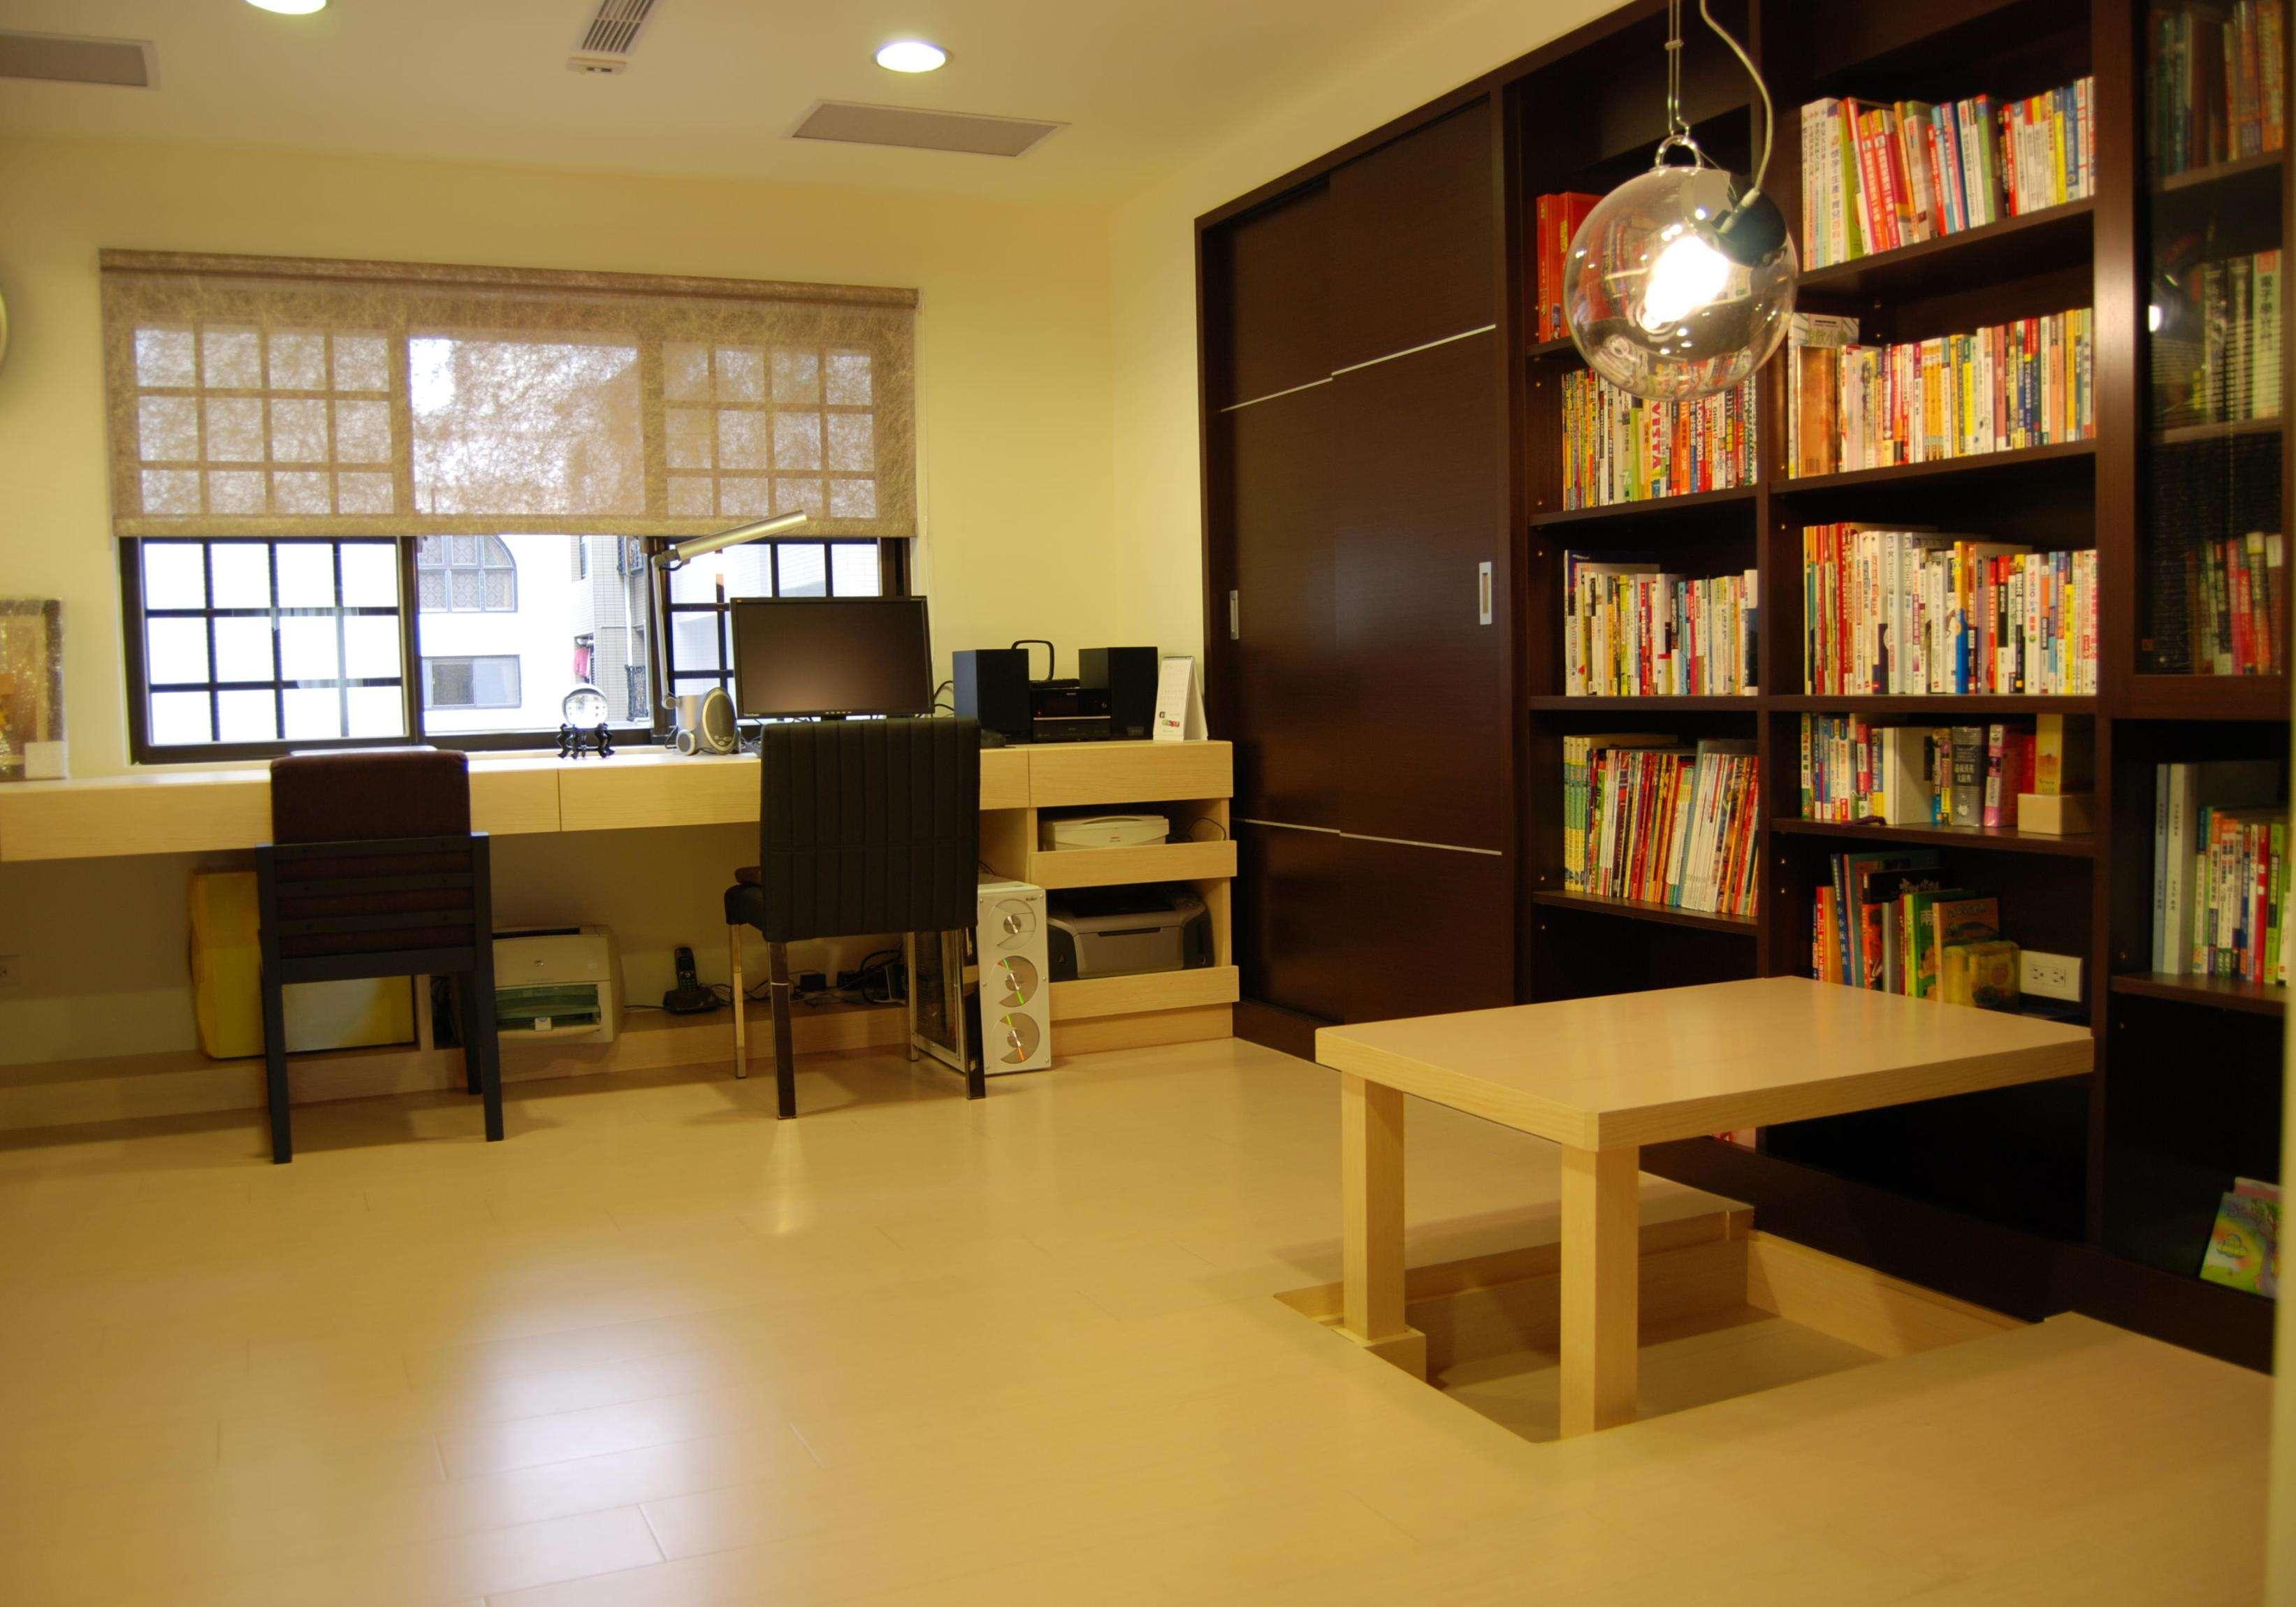 咖啡色简约复式室内装饰效果图